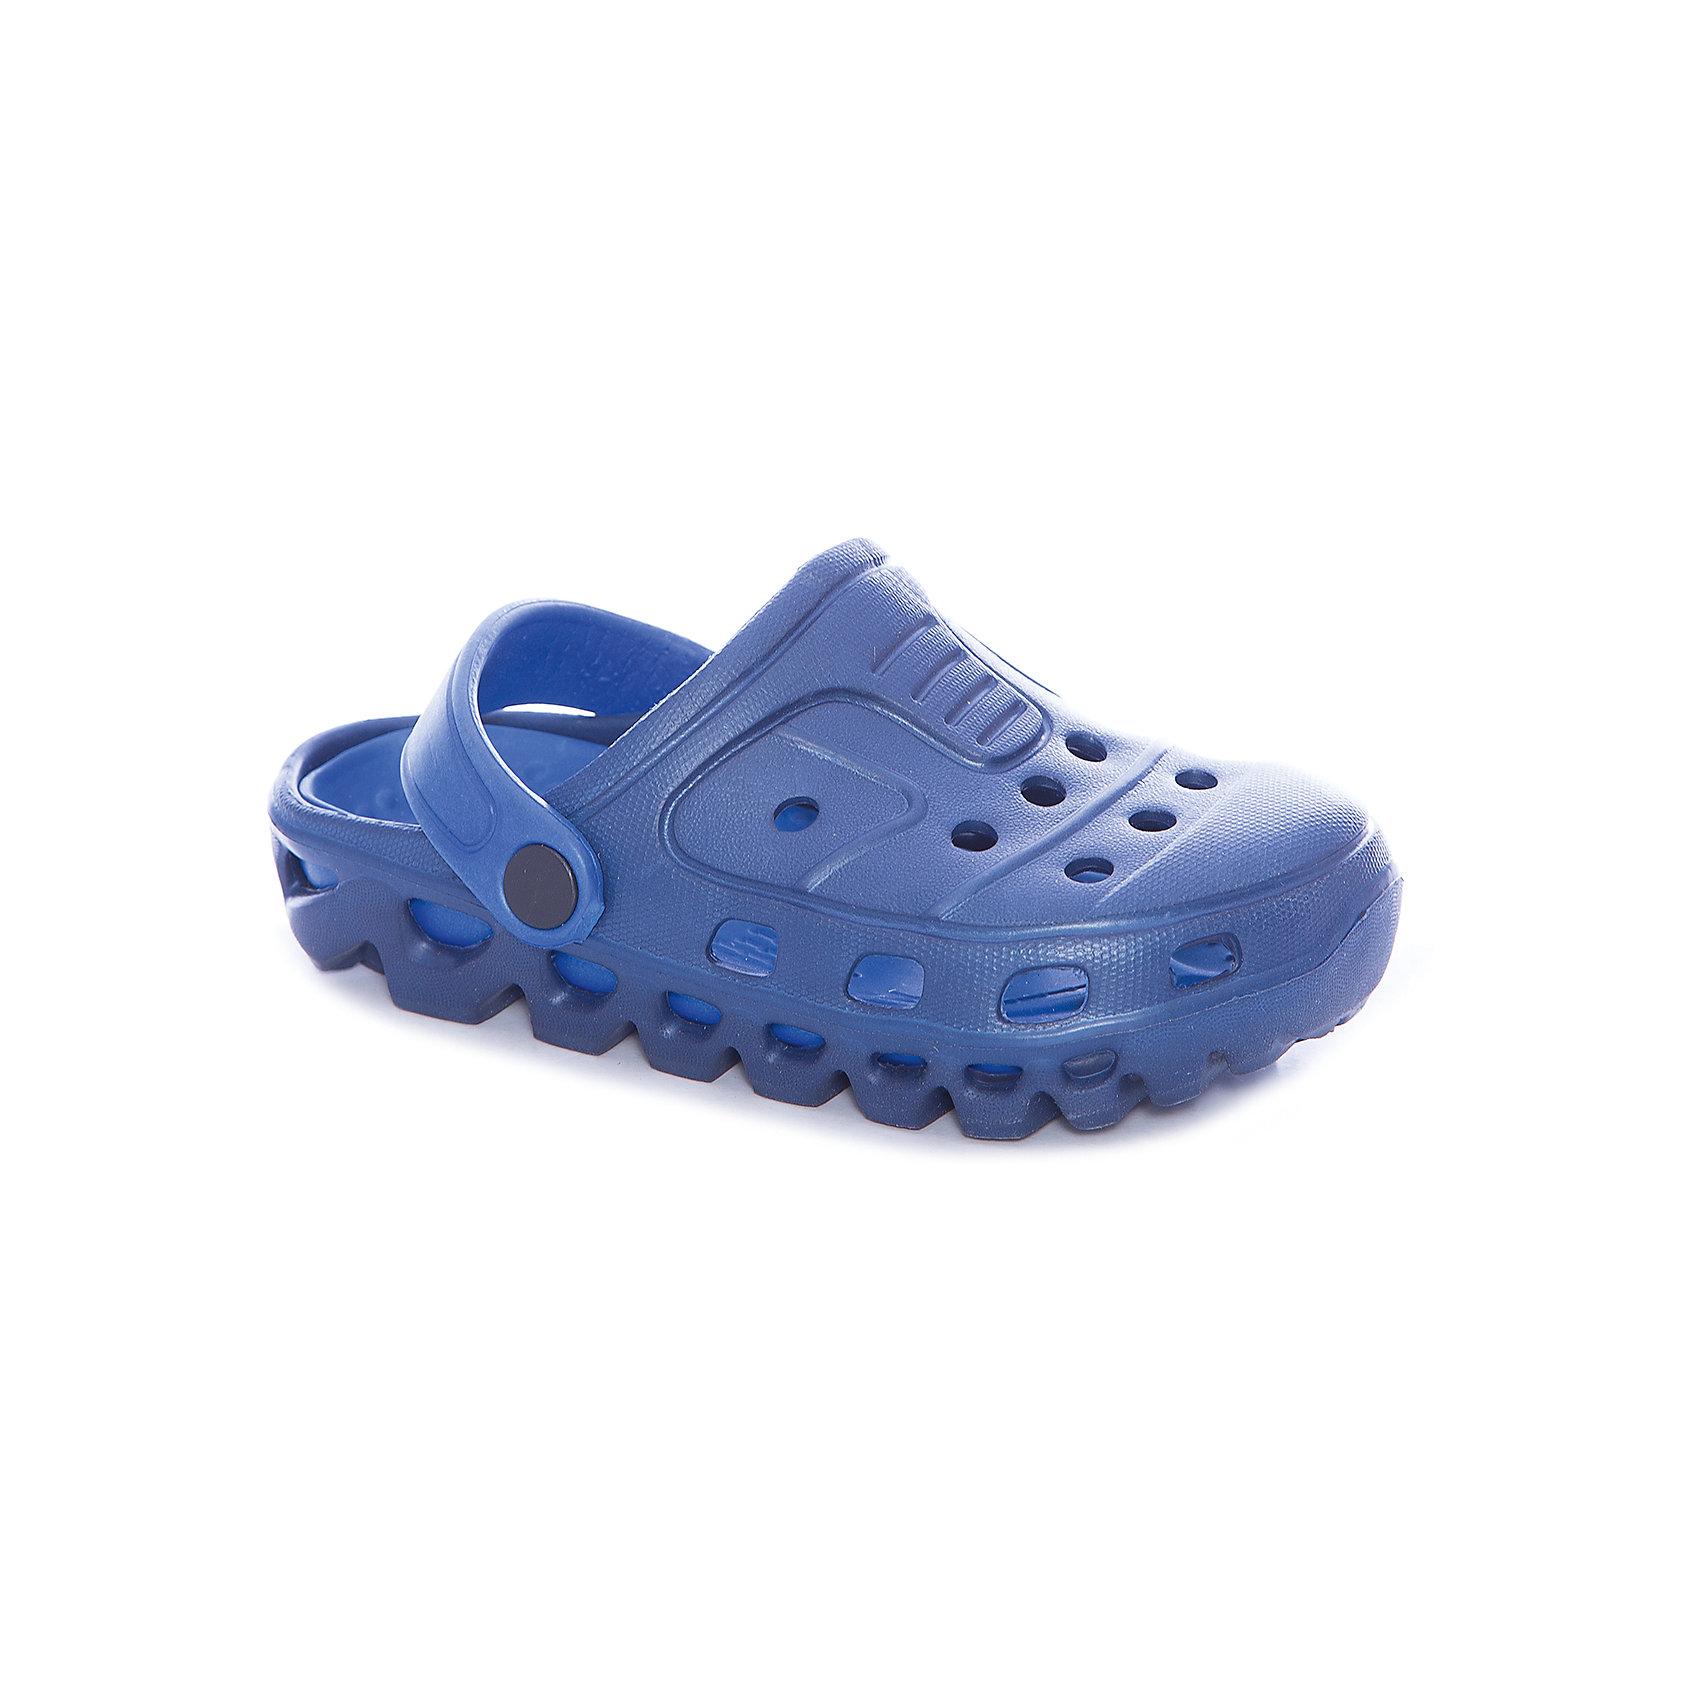 Сабо для мальчика PlayTodayПляжная обувь<br>Сабо для мальчика PlayToday<br>Эти удобные сабо прекрасно подойдут и для дачи, и для пляжа. Подвижный пяточный ремень позволяет легко снимать о одевать обувь. Перфорированная носочная часть обеспечивает хорошую вентиляциюПреимущества: Подвижный пяточный ремень позволяет легко снимать и одевать пантолетыПерфорированная носочная часть обеспечивает хорошую вентиляцию<br>Состав:<br>100% этилвинилацетат<br><br>Ширина мм: 225<br>Глубина мм: 139<br>Высота мм: 112<br>Вес г: 290<br>Цвет: белый<br>Возраст от месяцев: 60<br>Возраст до месяцев: 72<br>Пол: Мужской<br>Возраст: Детский<br>Размер: 29,30,31,32,28<br>SKU: 5403528